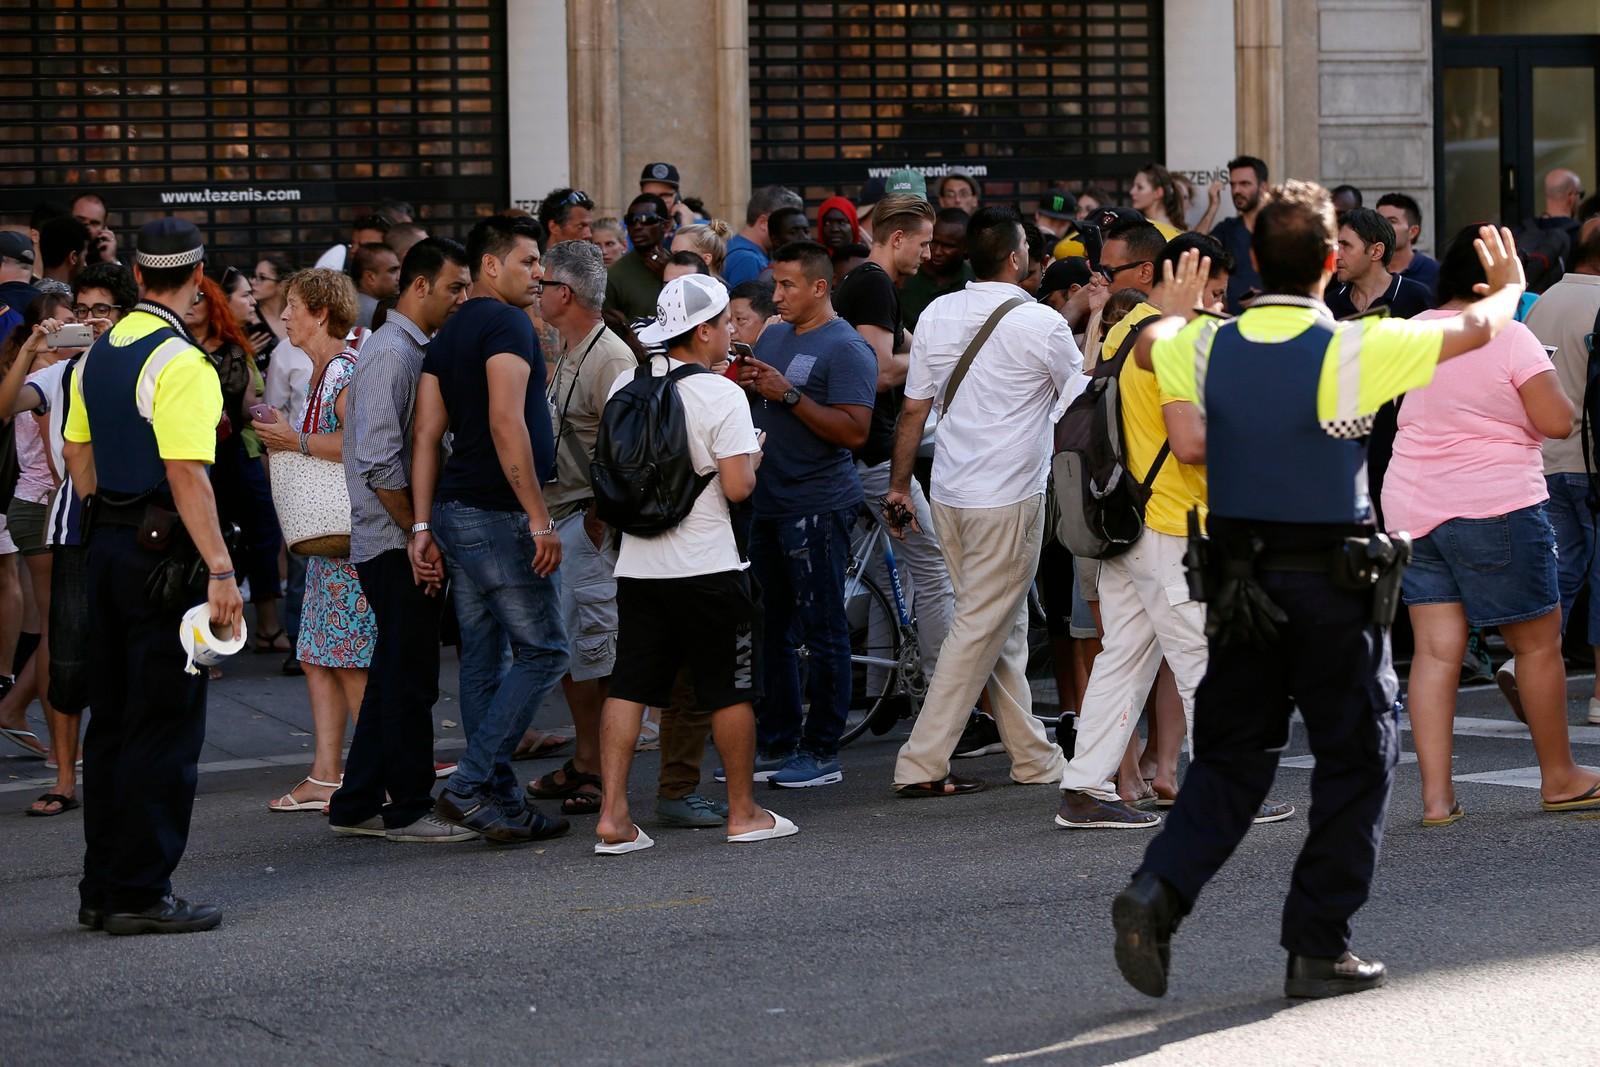 STORE FOLKEMENGDER: Politiet styrer folkemengden ut av området. Det var mange personer tilstede i handlegaten da angrepet fant sted.